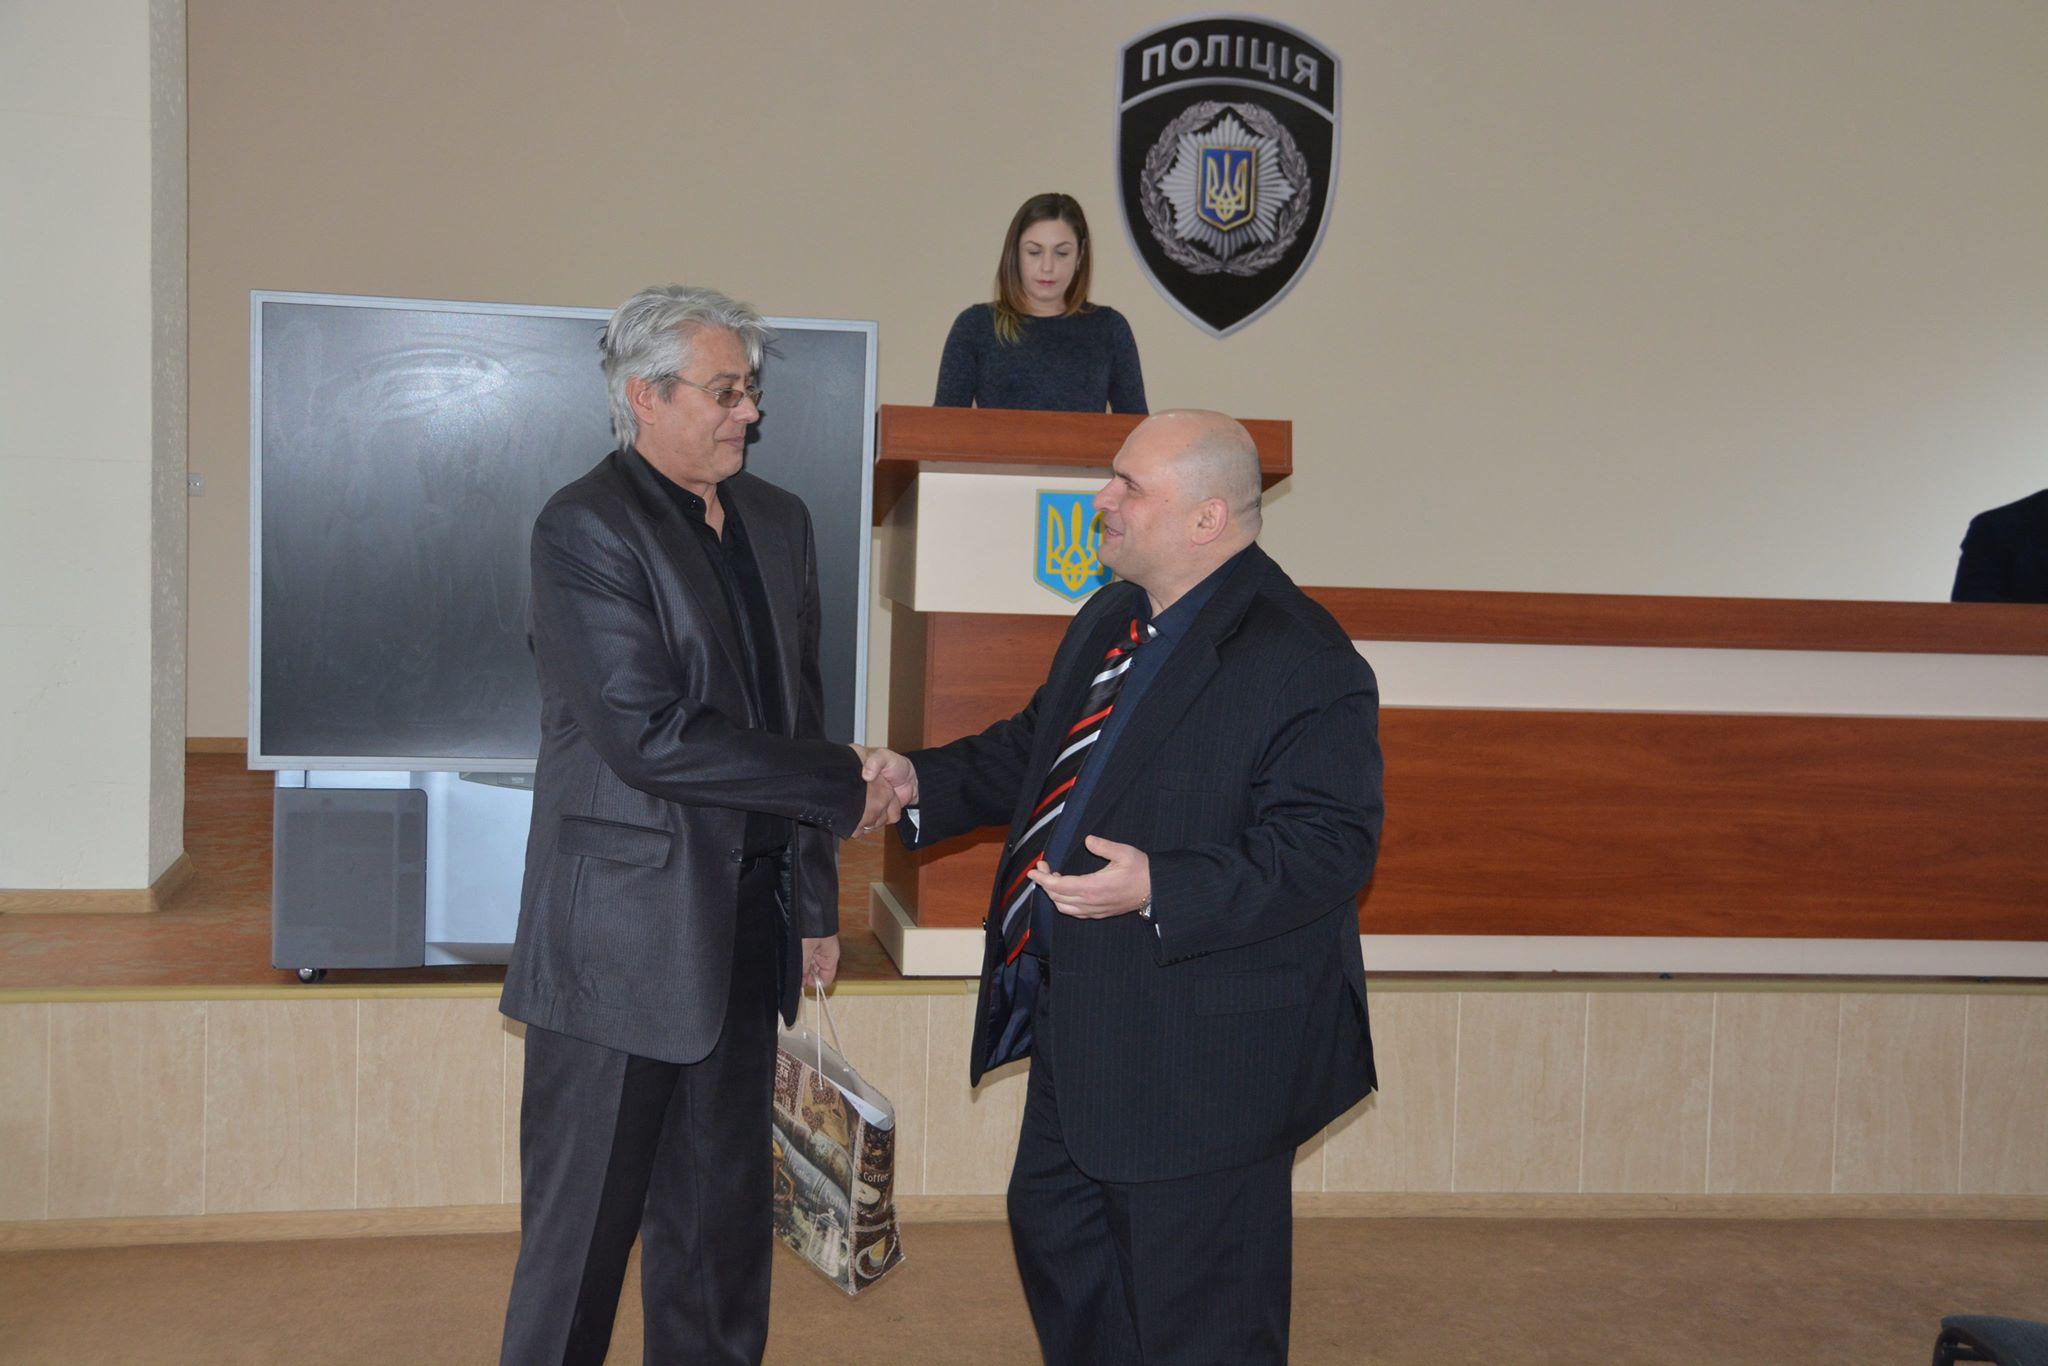 Начальник отдела полиции Евгений Кравцов